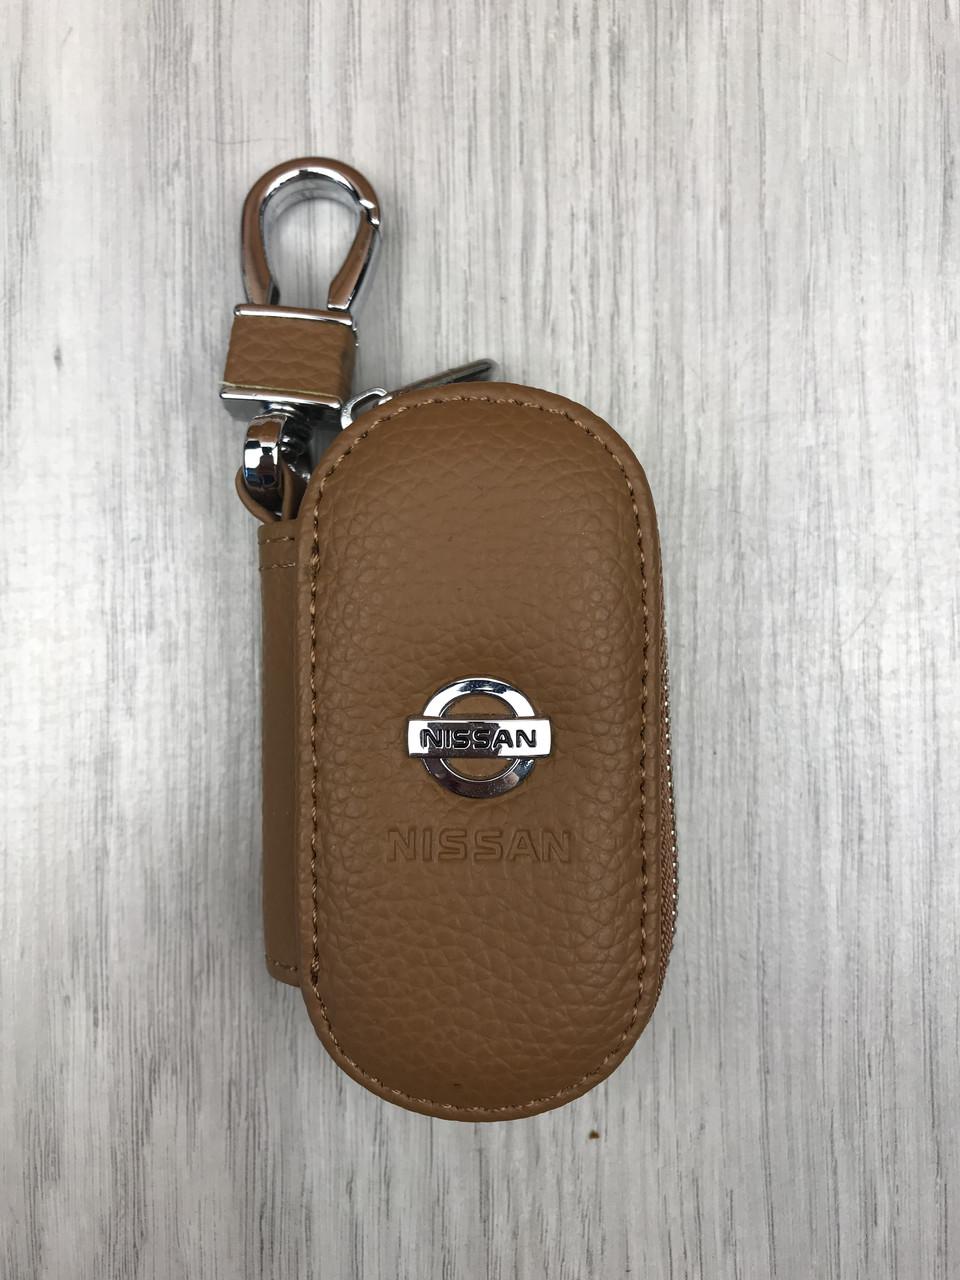 VIP кожаная ключница Nissan коричневая Люкс Автомобильный брелок для ключей Новинка 2019 года Ниссан копия